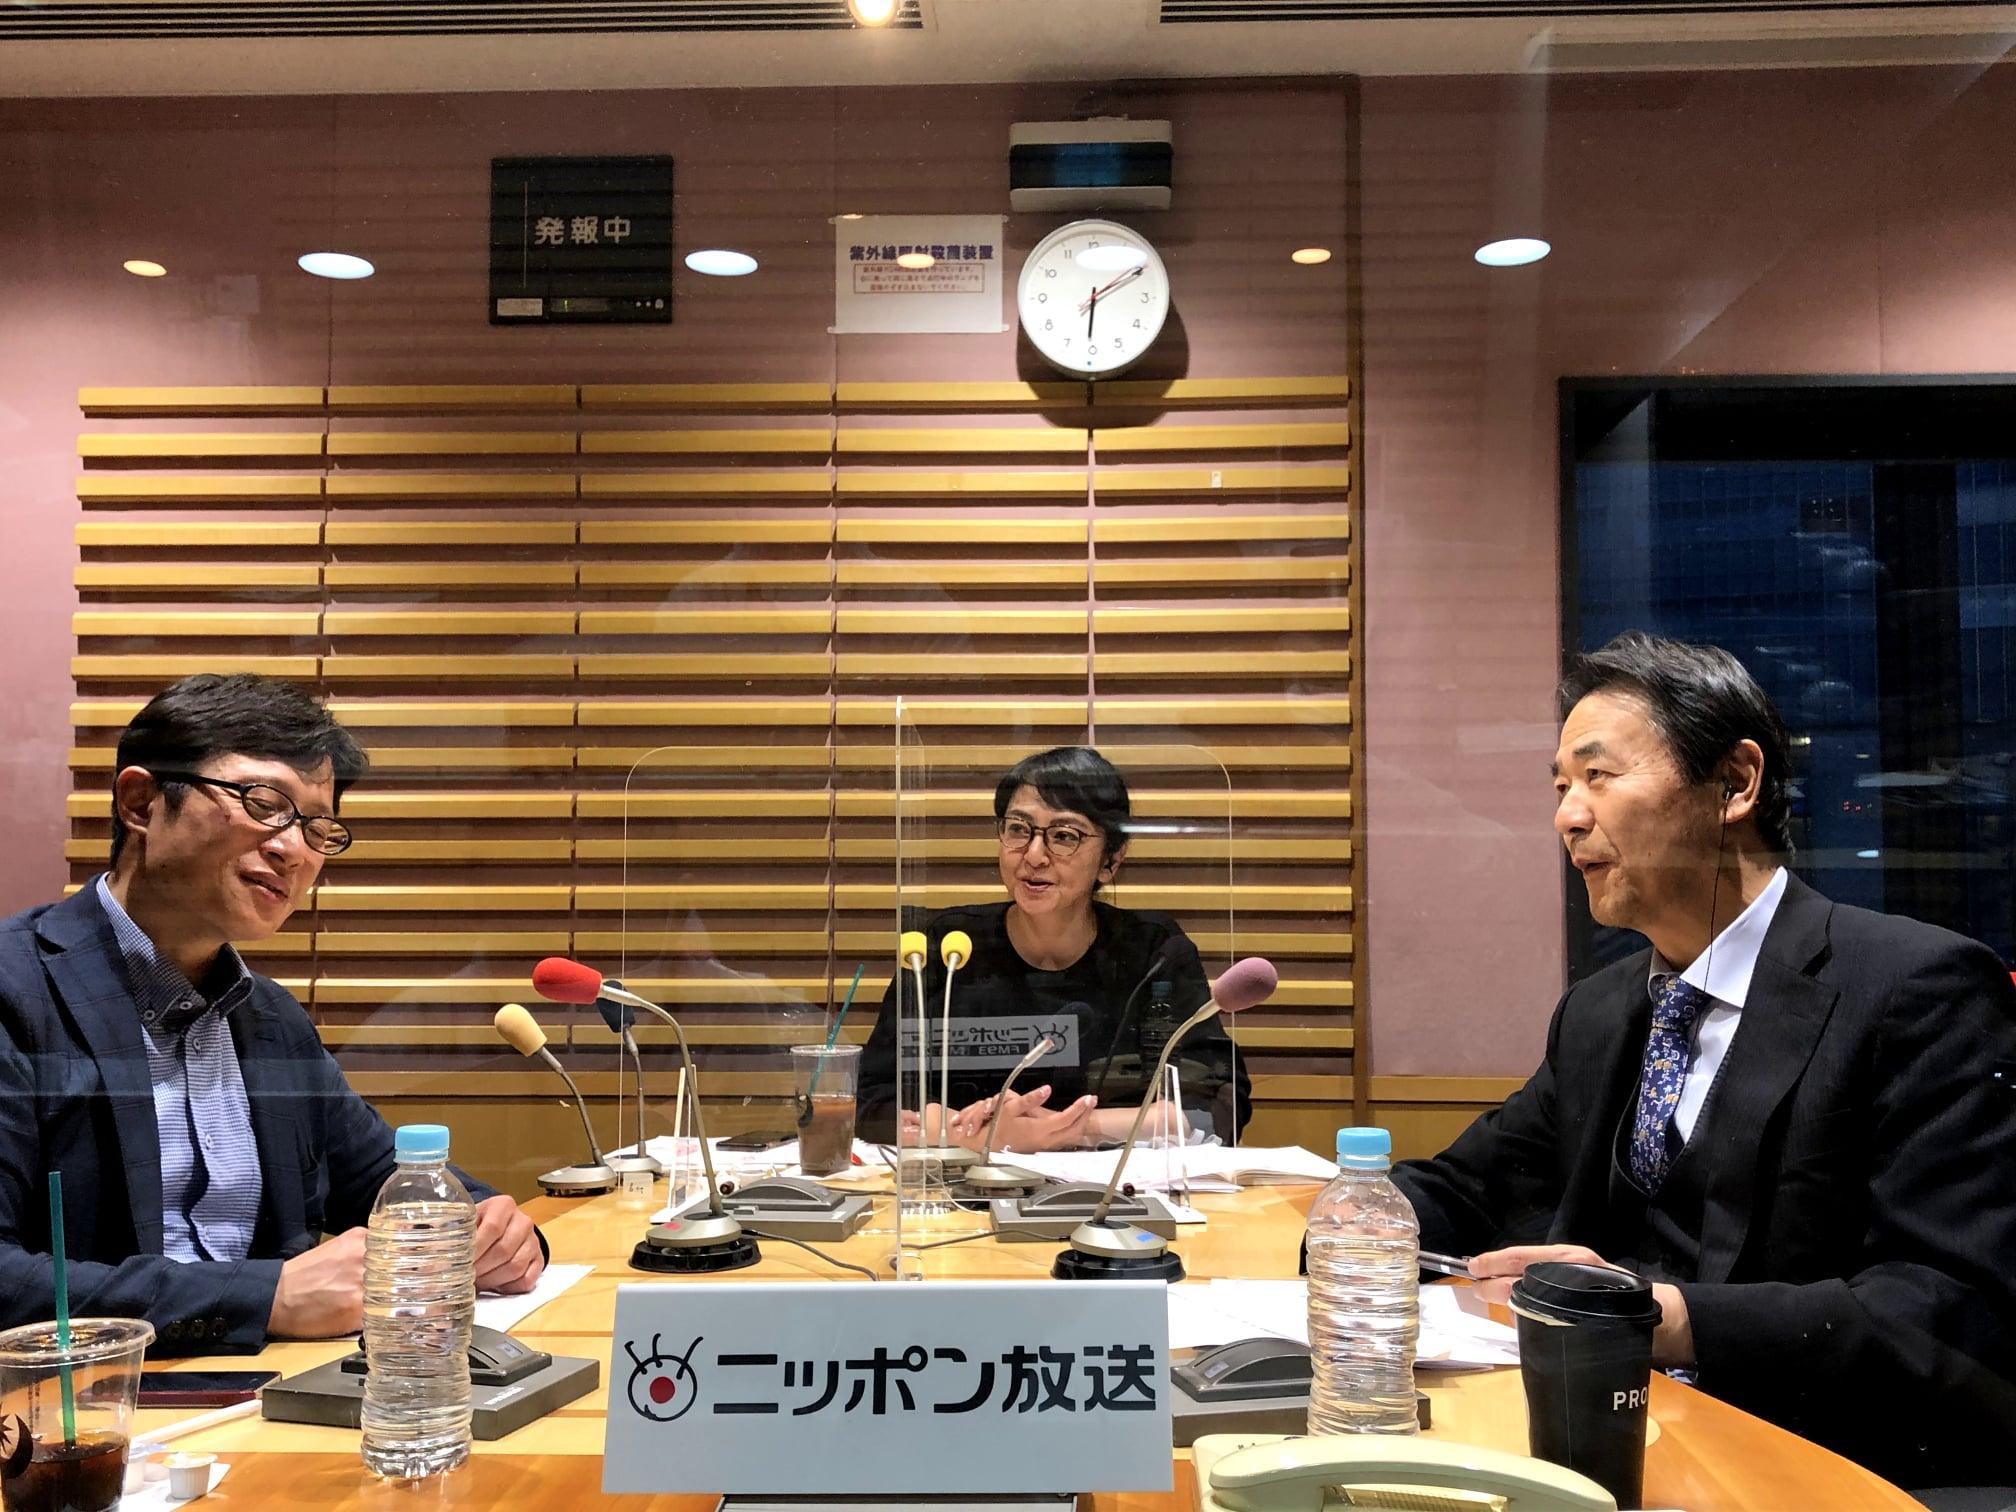 ウィークエンド・ケアタイム『ひだまりハウス』(ニッポン放送)